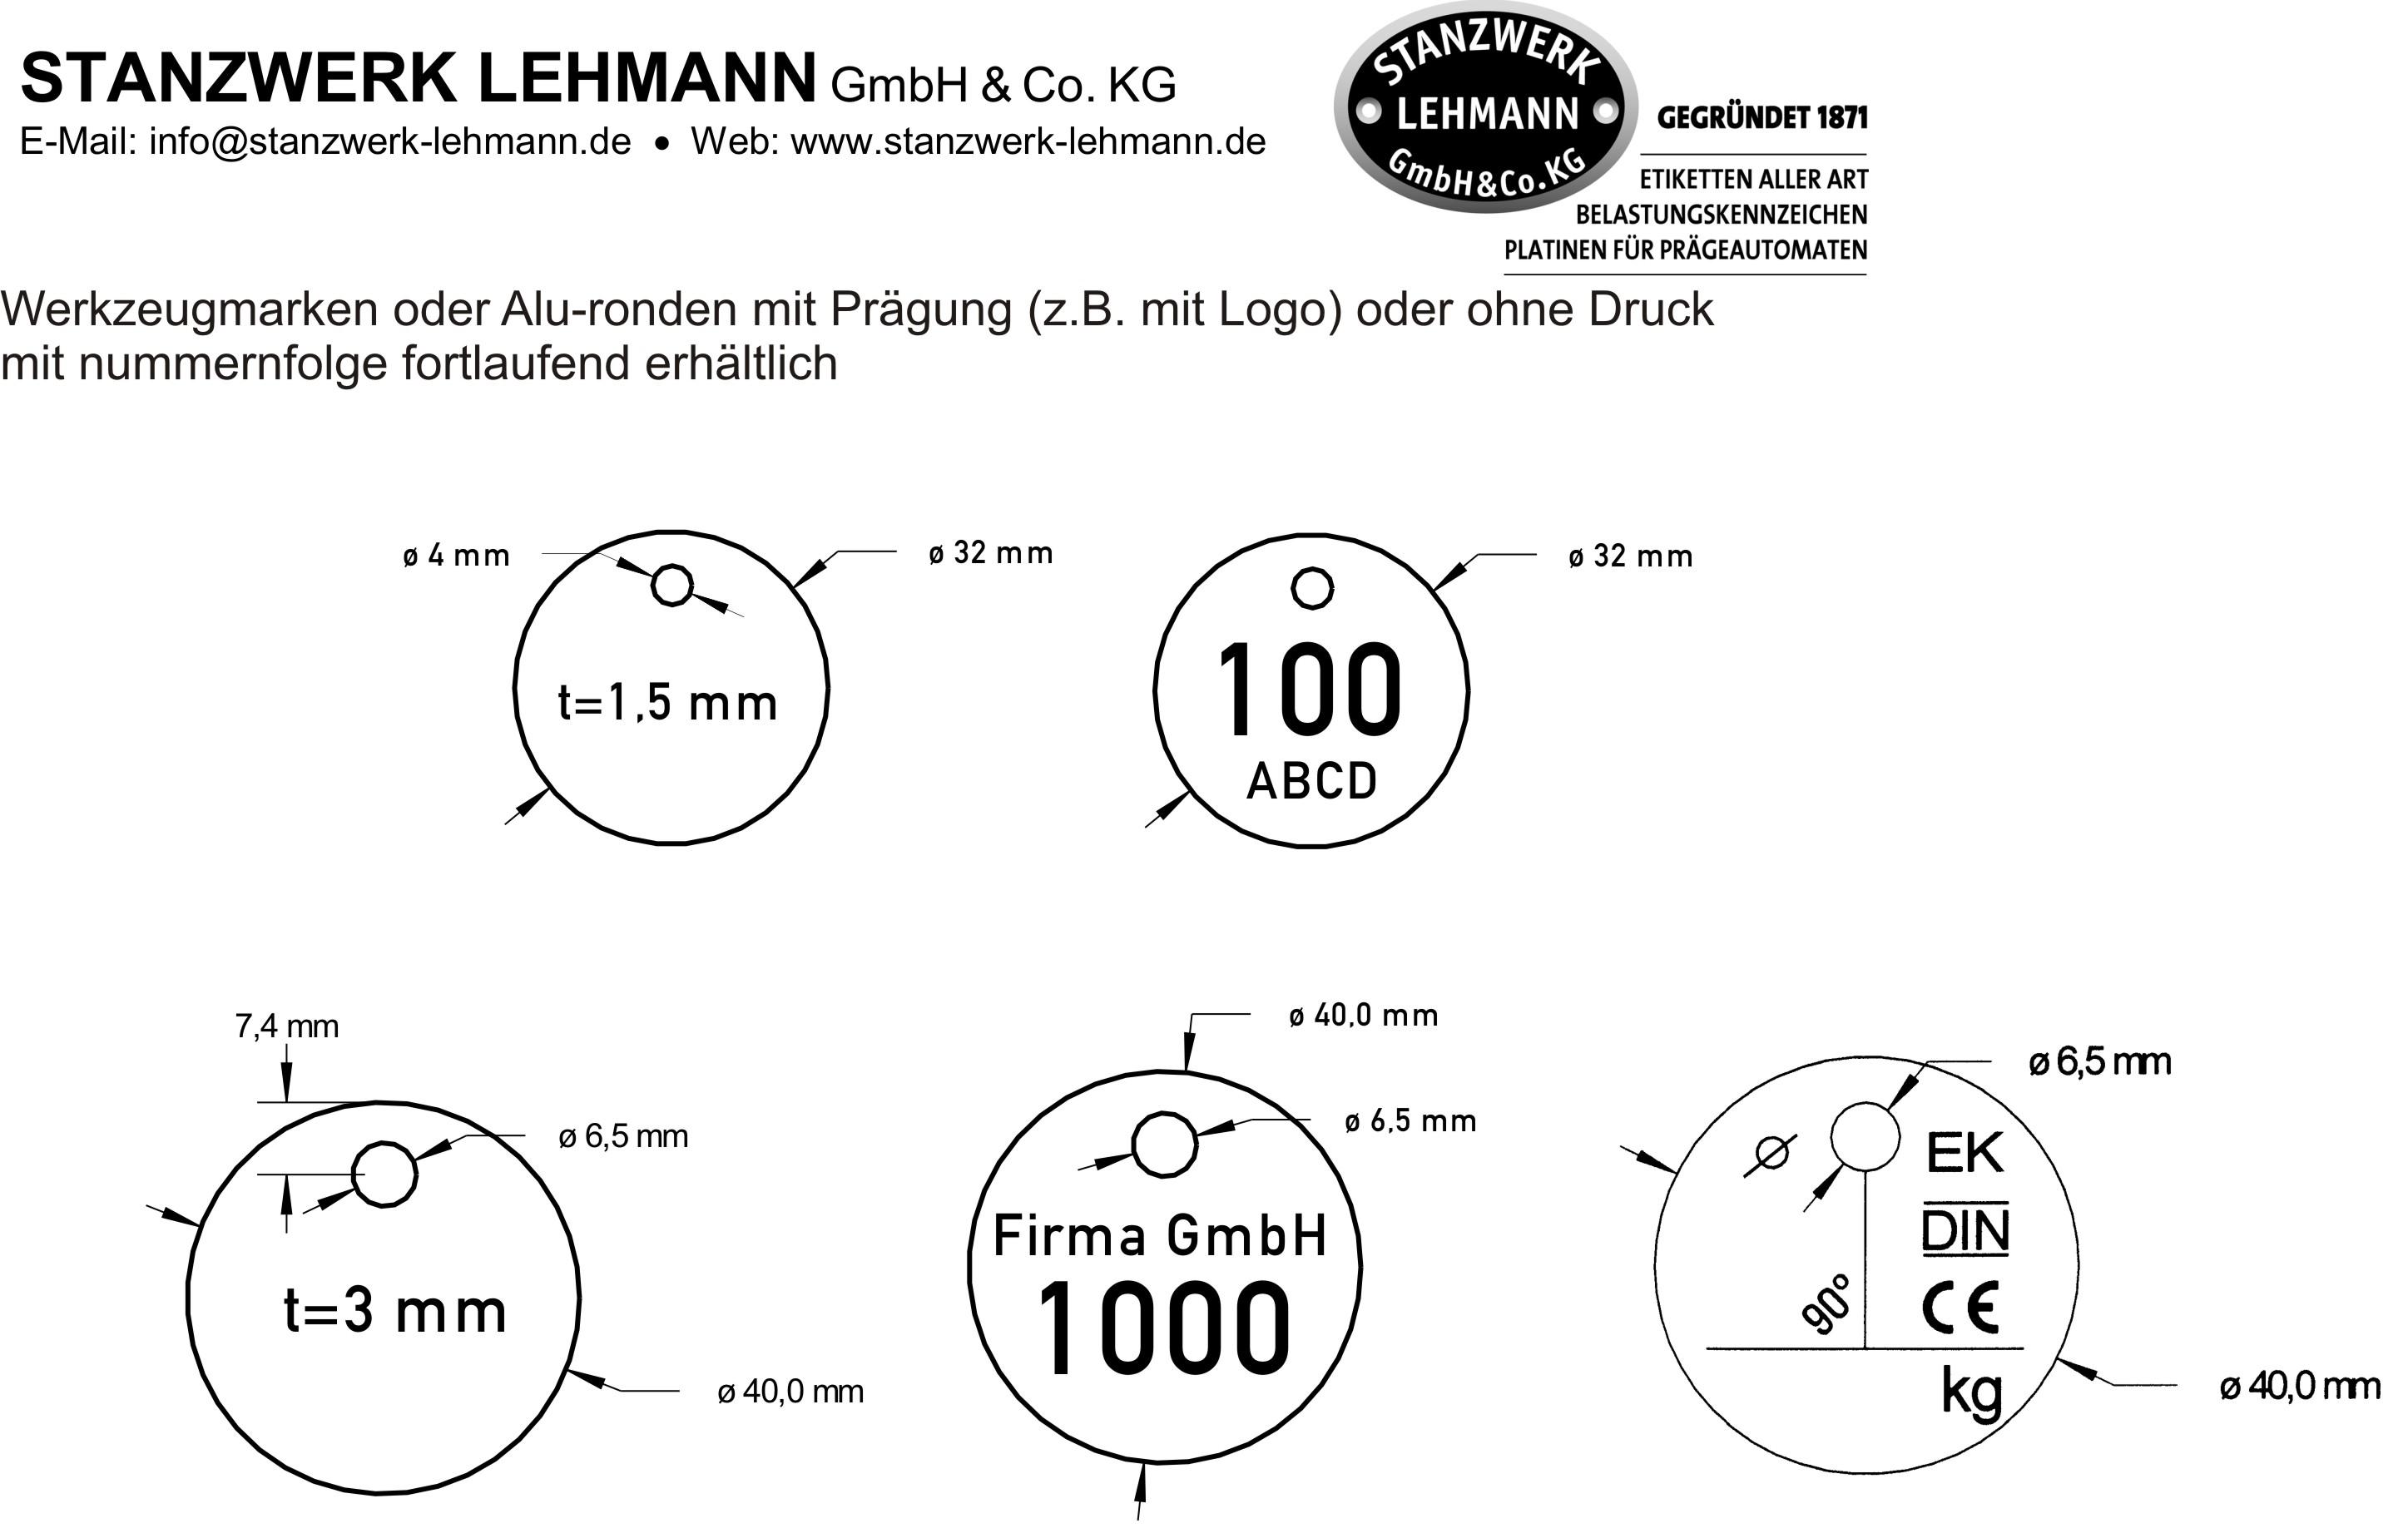 Stanzwerk Lehmann GmbH & Co. KG